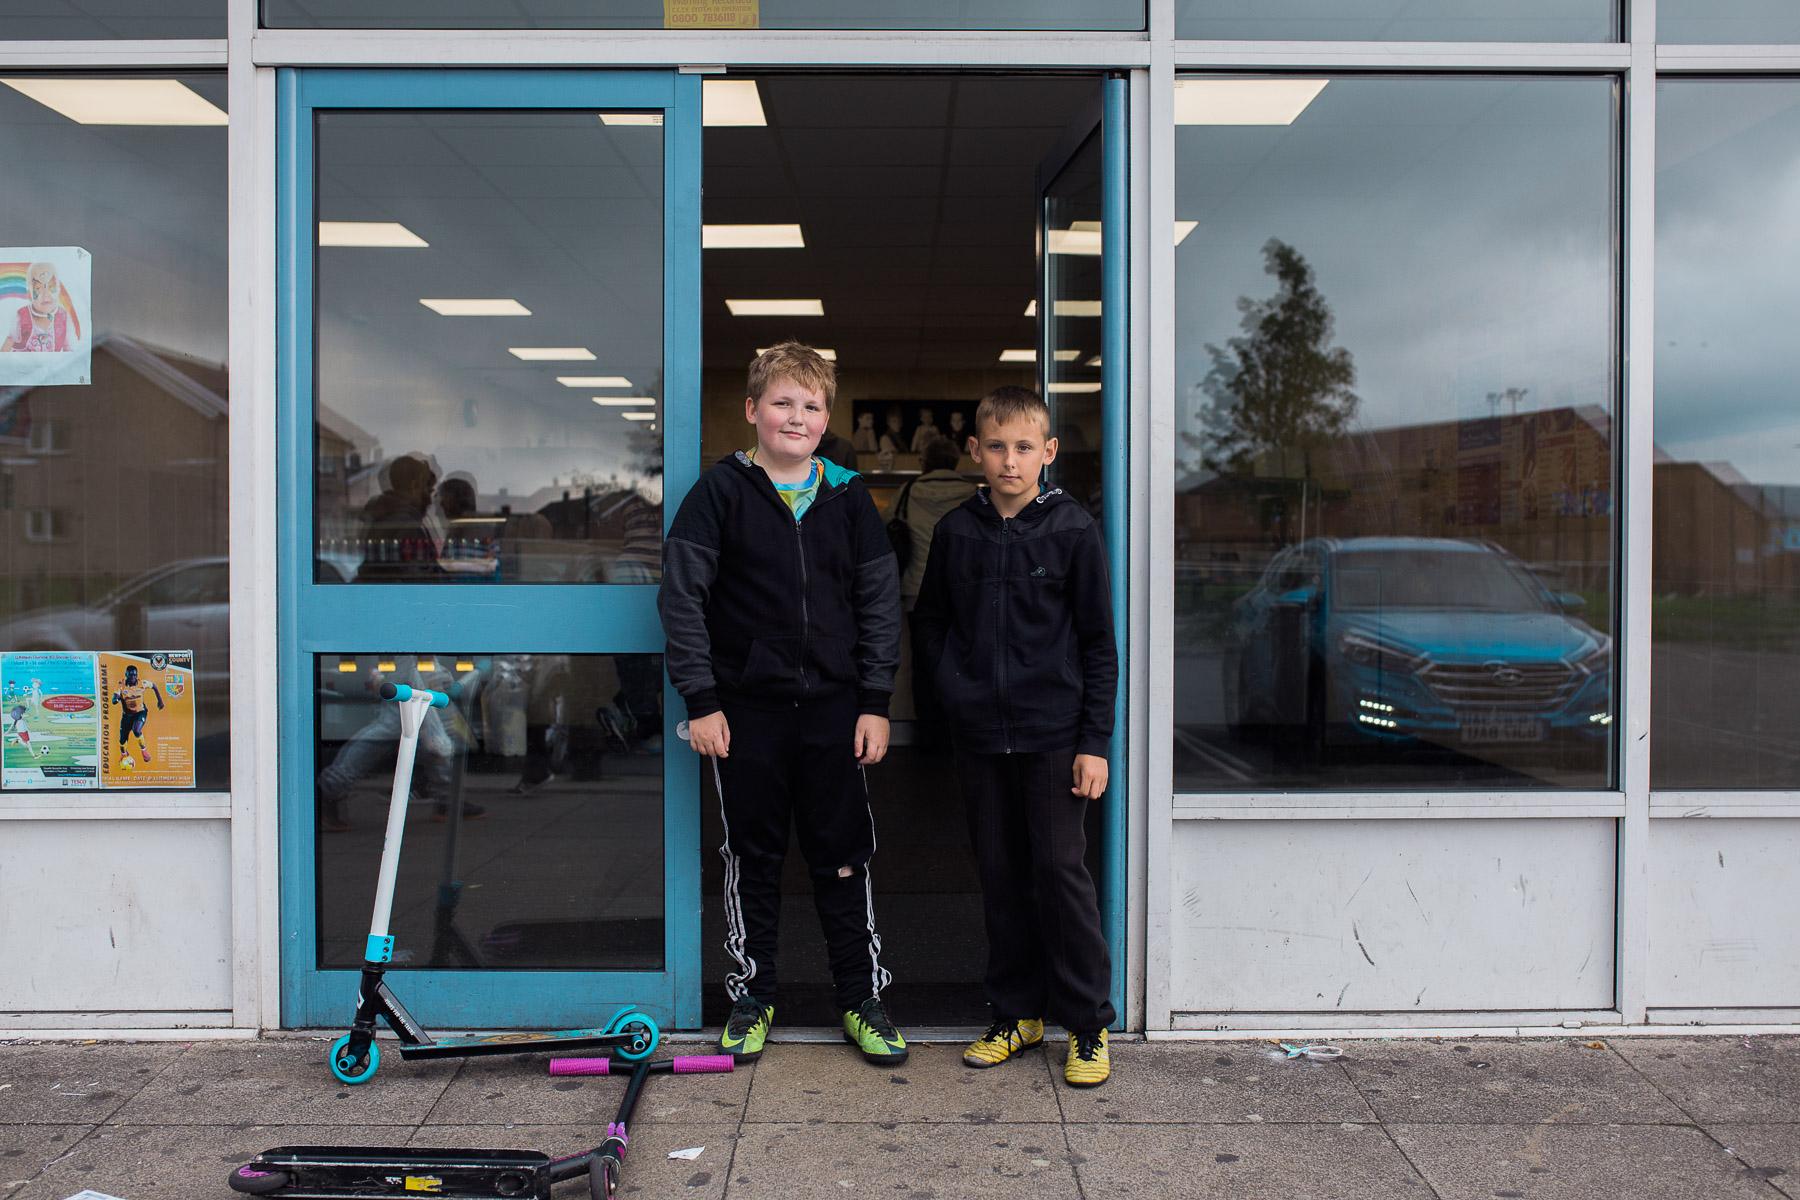 Children outside the Gurnos chippy.